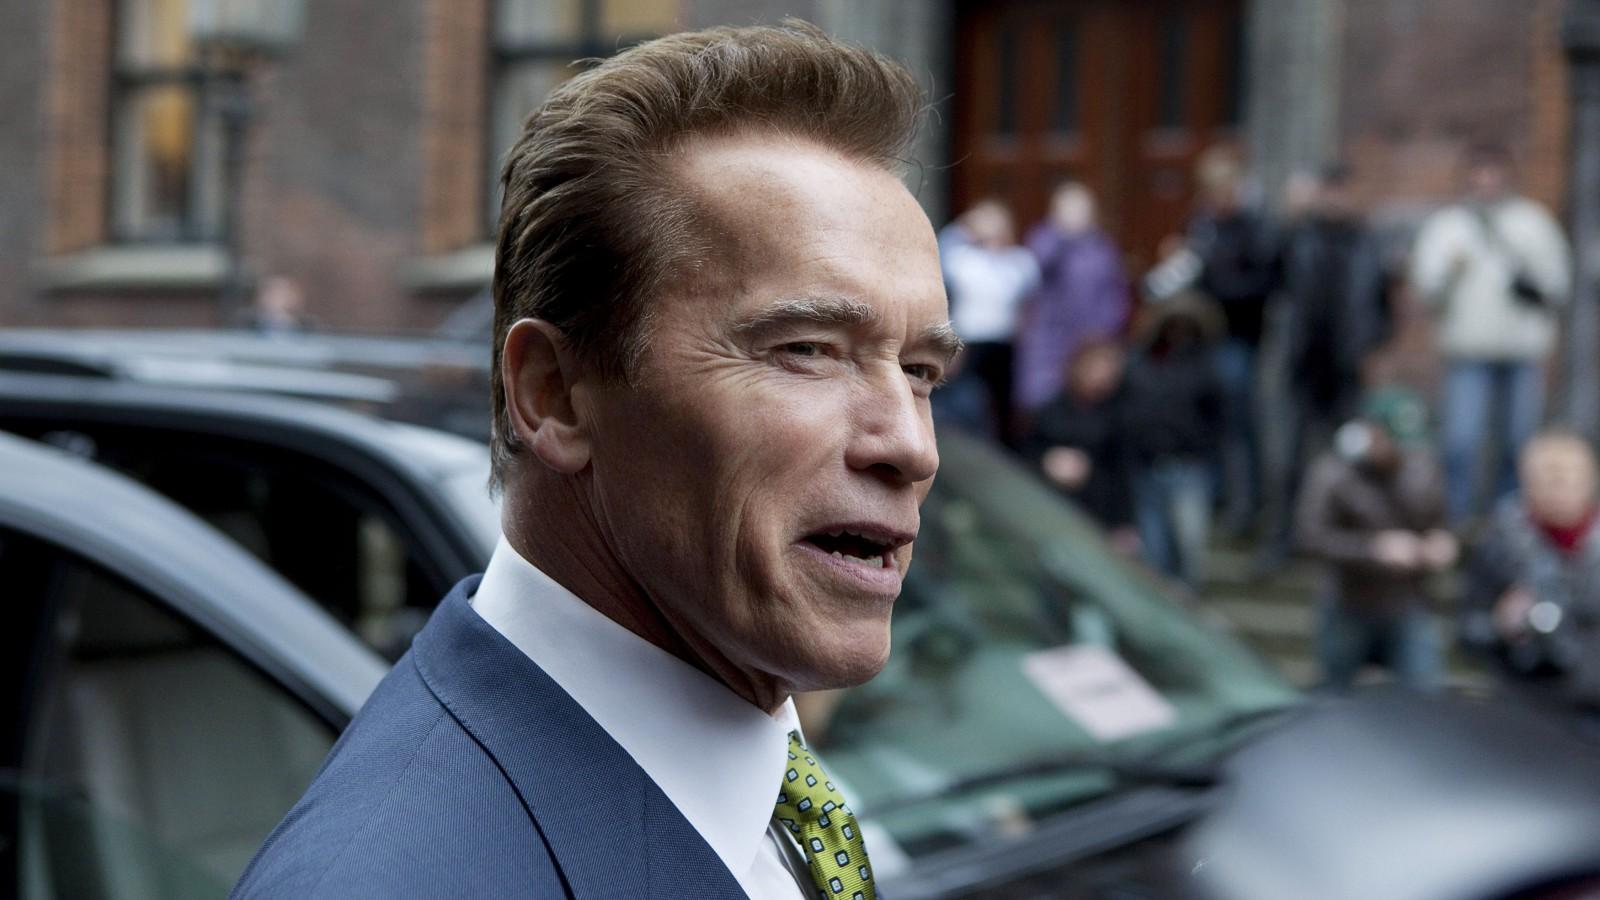 California Governor Arnold Schwarzenegger at Copenhagen.